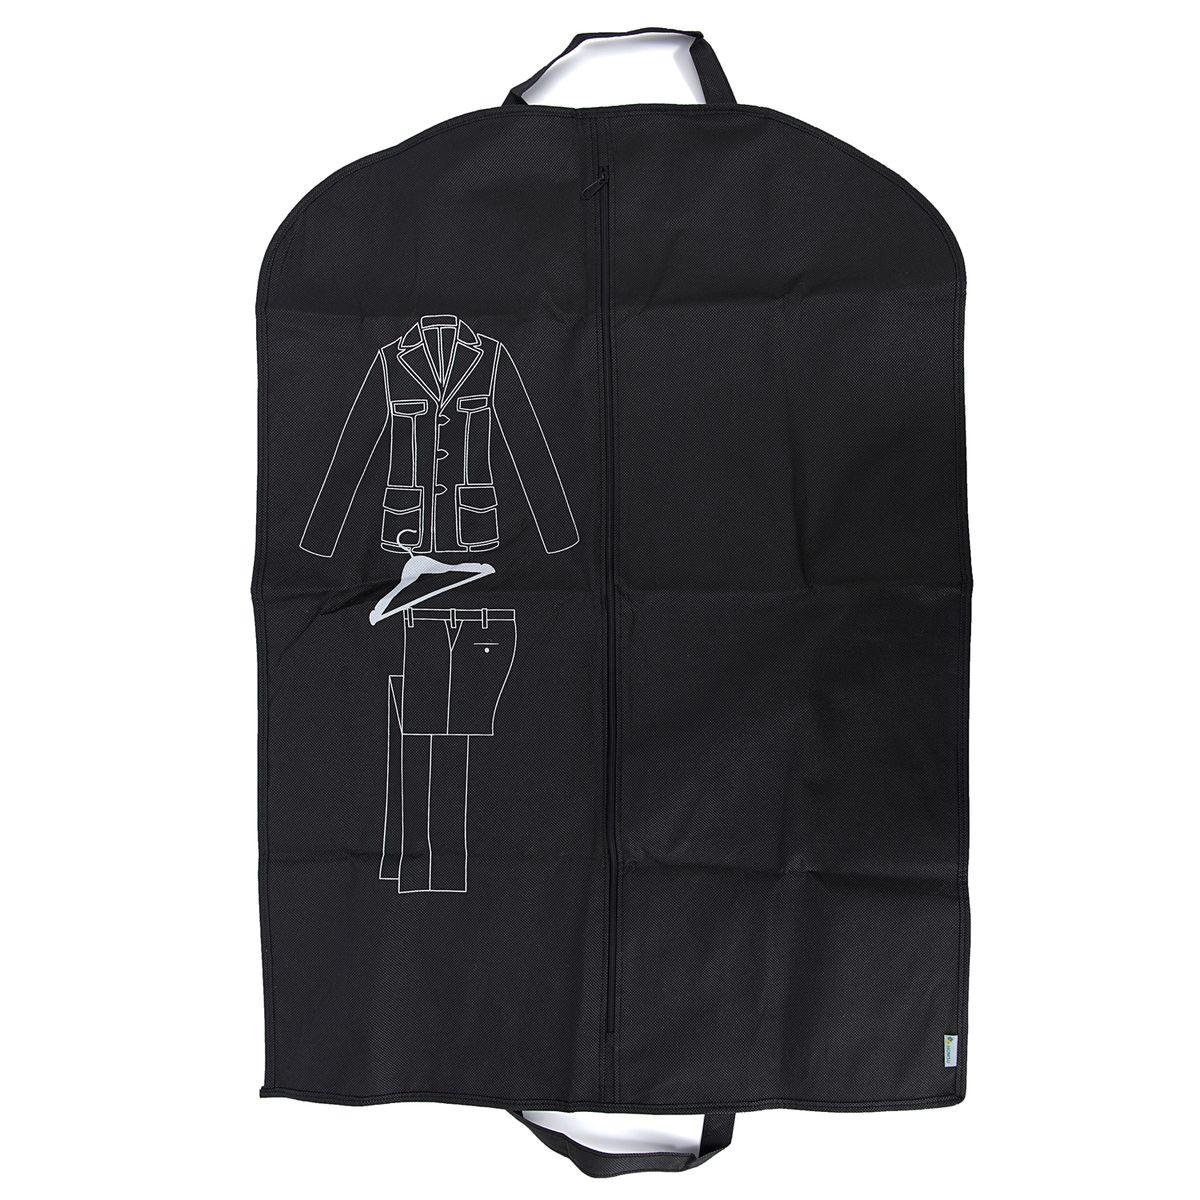 Чехол для одежды Homsu Men in Black, 90 х 60 смHOM-651Удобный чехол для хранения и перевозки одежды. Изготовлен из высококачественного материала, поможет полноценно сберечь вашу одежду, как в домашнем хранении, так и во время транспортировки.